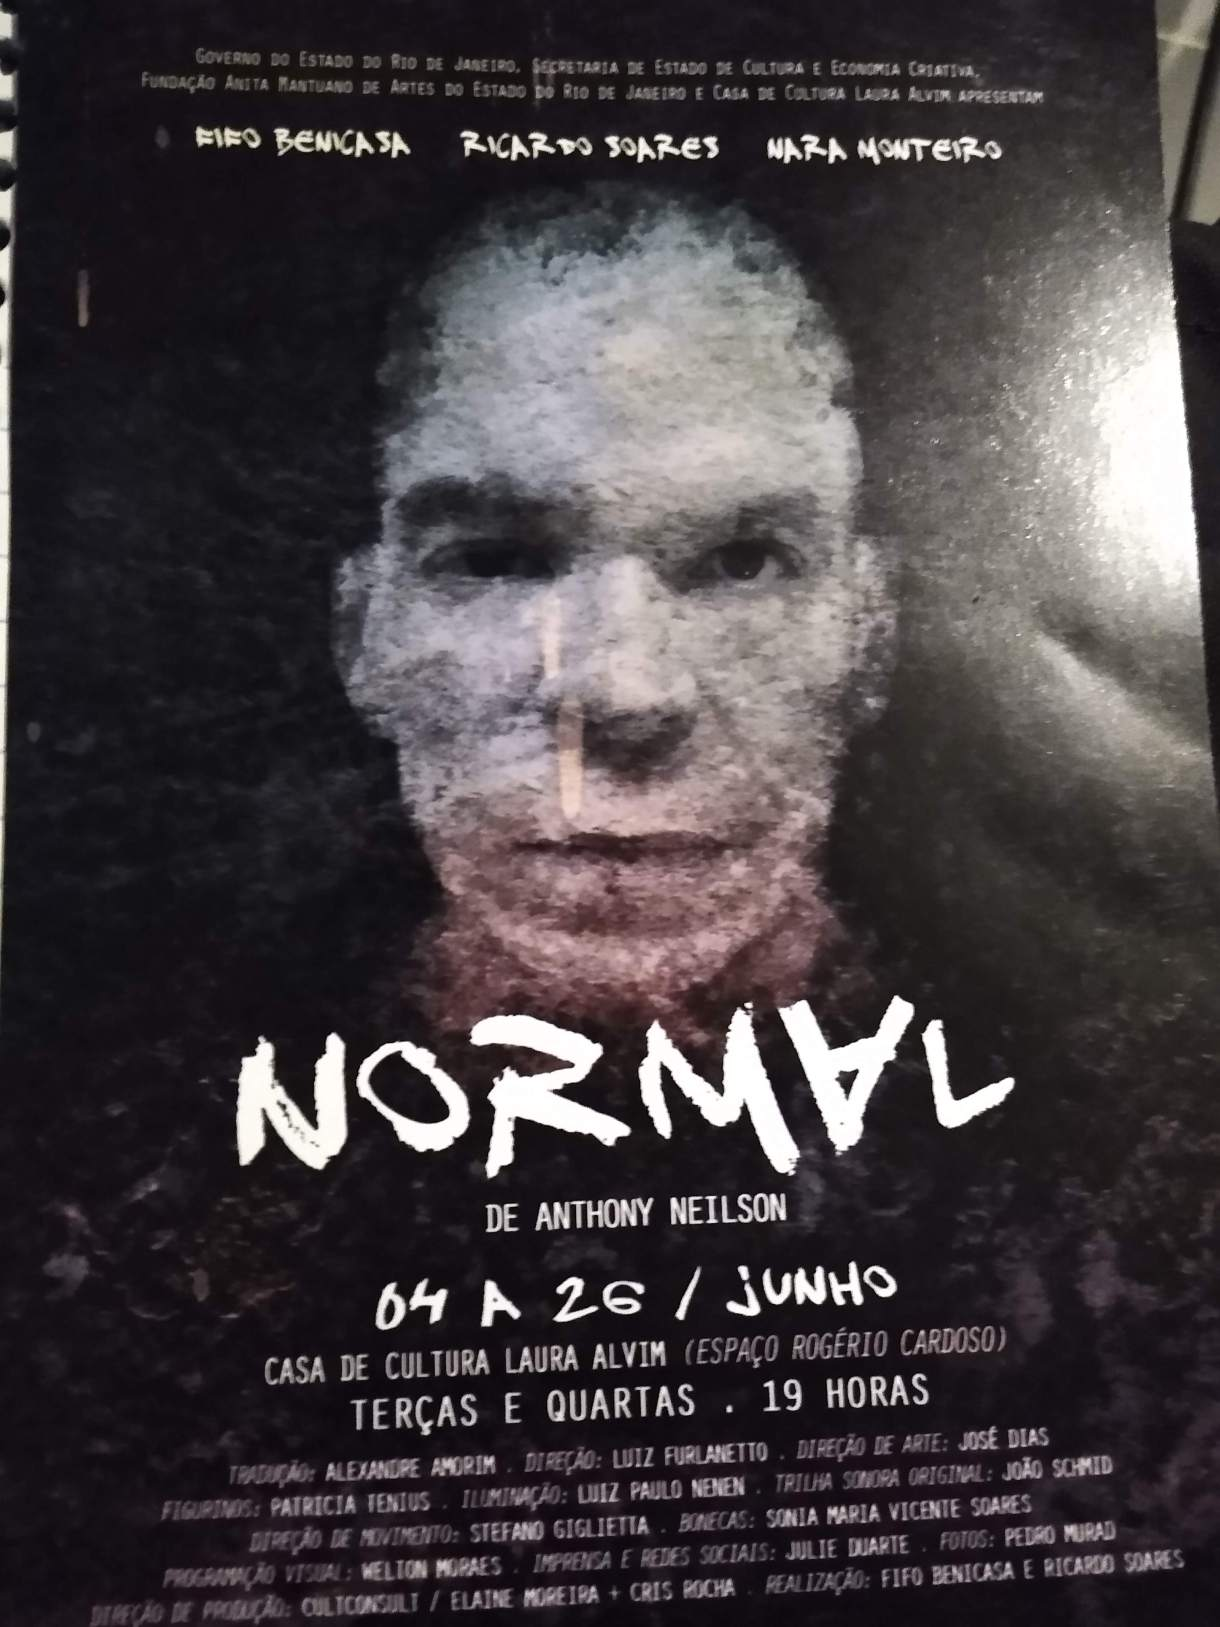 teatro Normal antony neilson